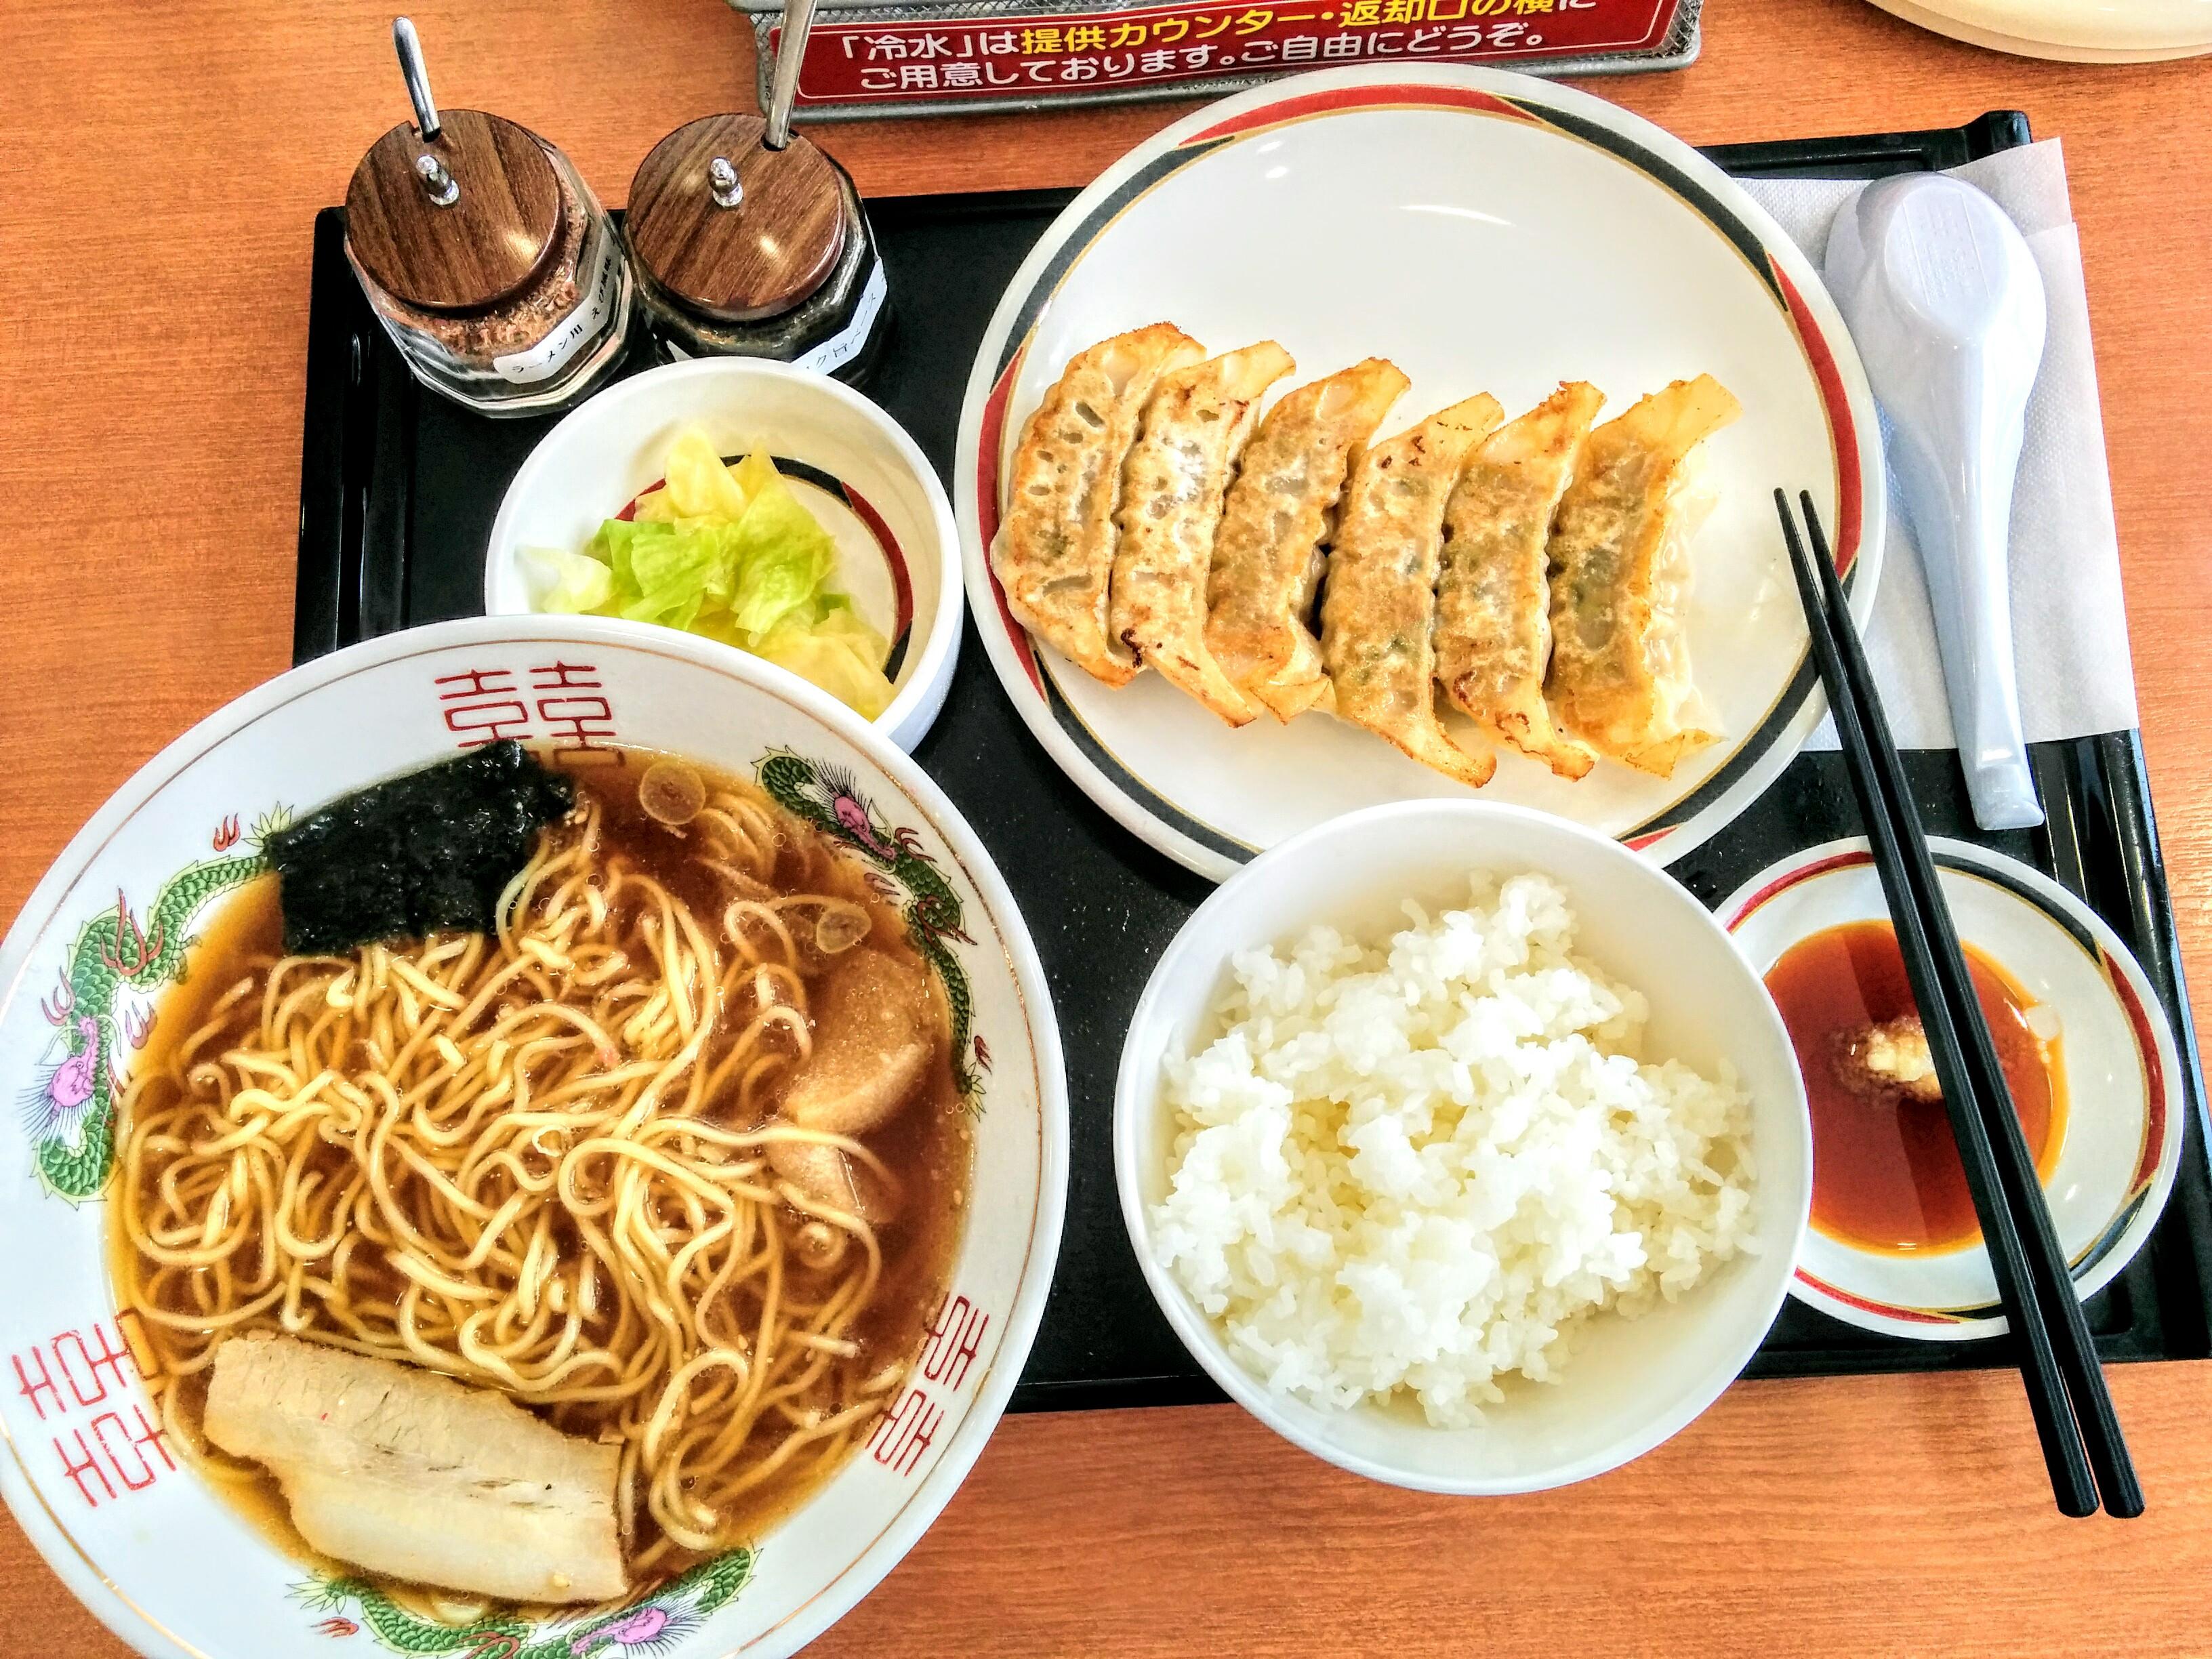 【札幌】みよしの餃子観光グルメ案内です。